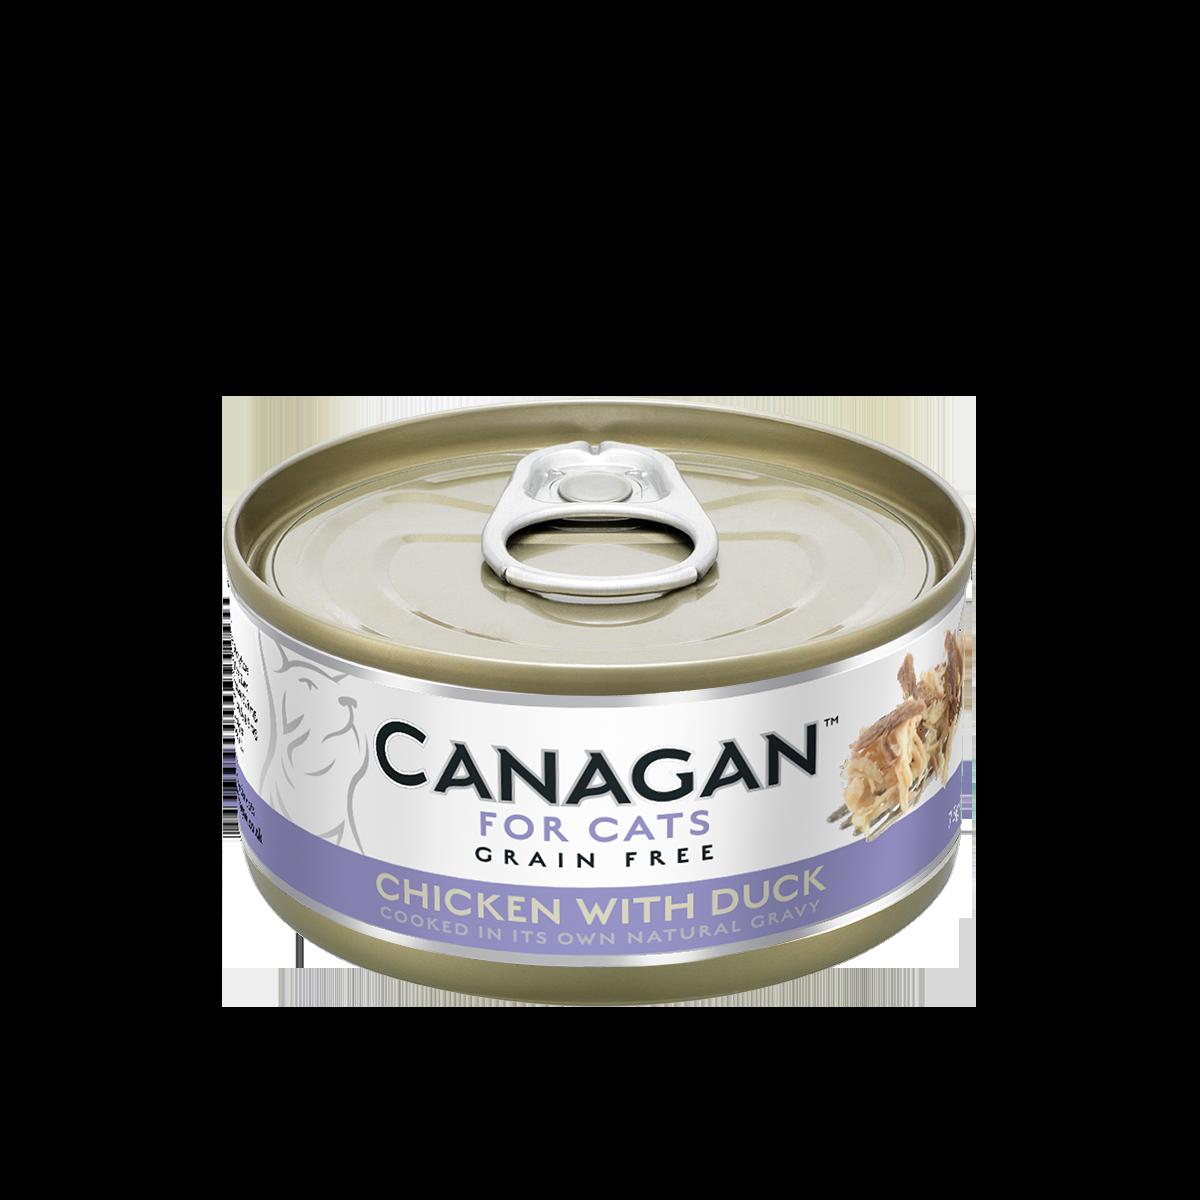 CANAGAN 原之選無穀物天然貓罐頭 (主食罐)- 雞肉伴鴨肉配方 75g